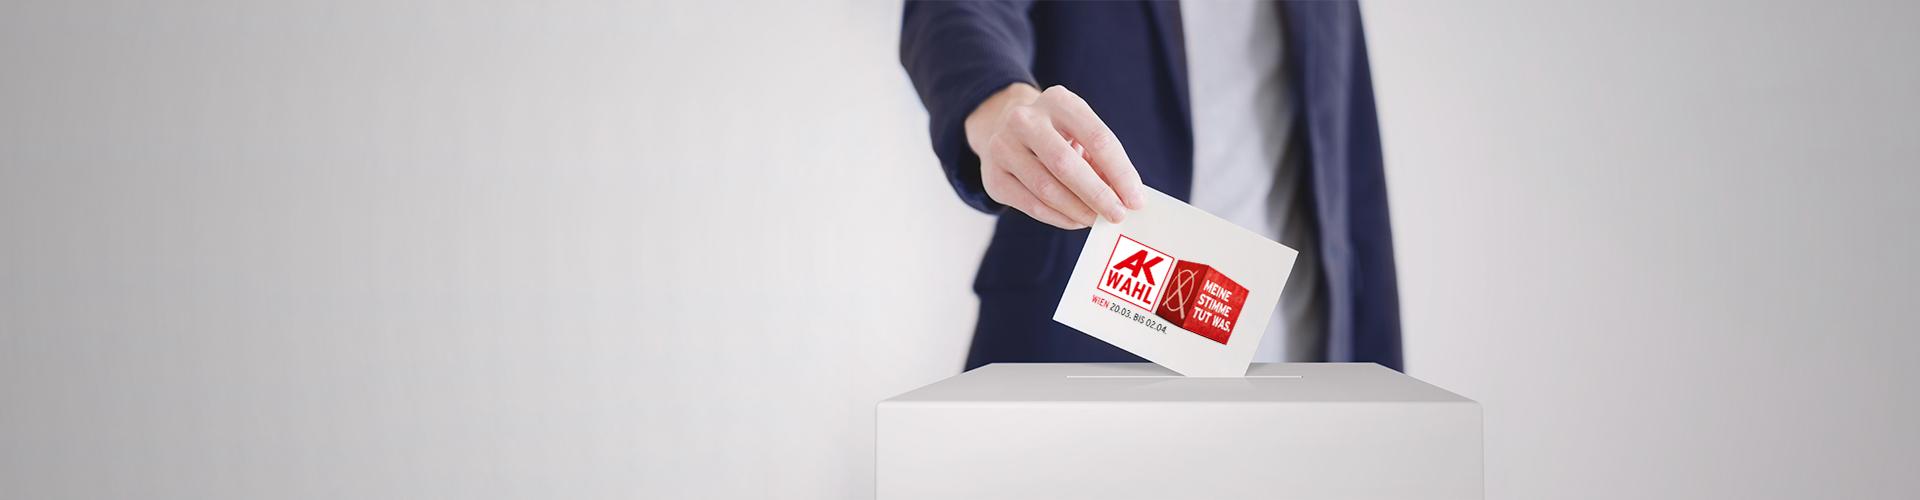 Die AK Wahlen finden in Wien vom 20.3. bis 2.4.2019 statt. © Anton Sokolov, adobe.stock